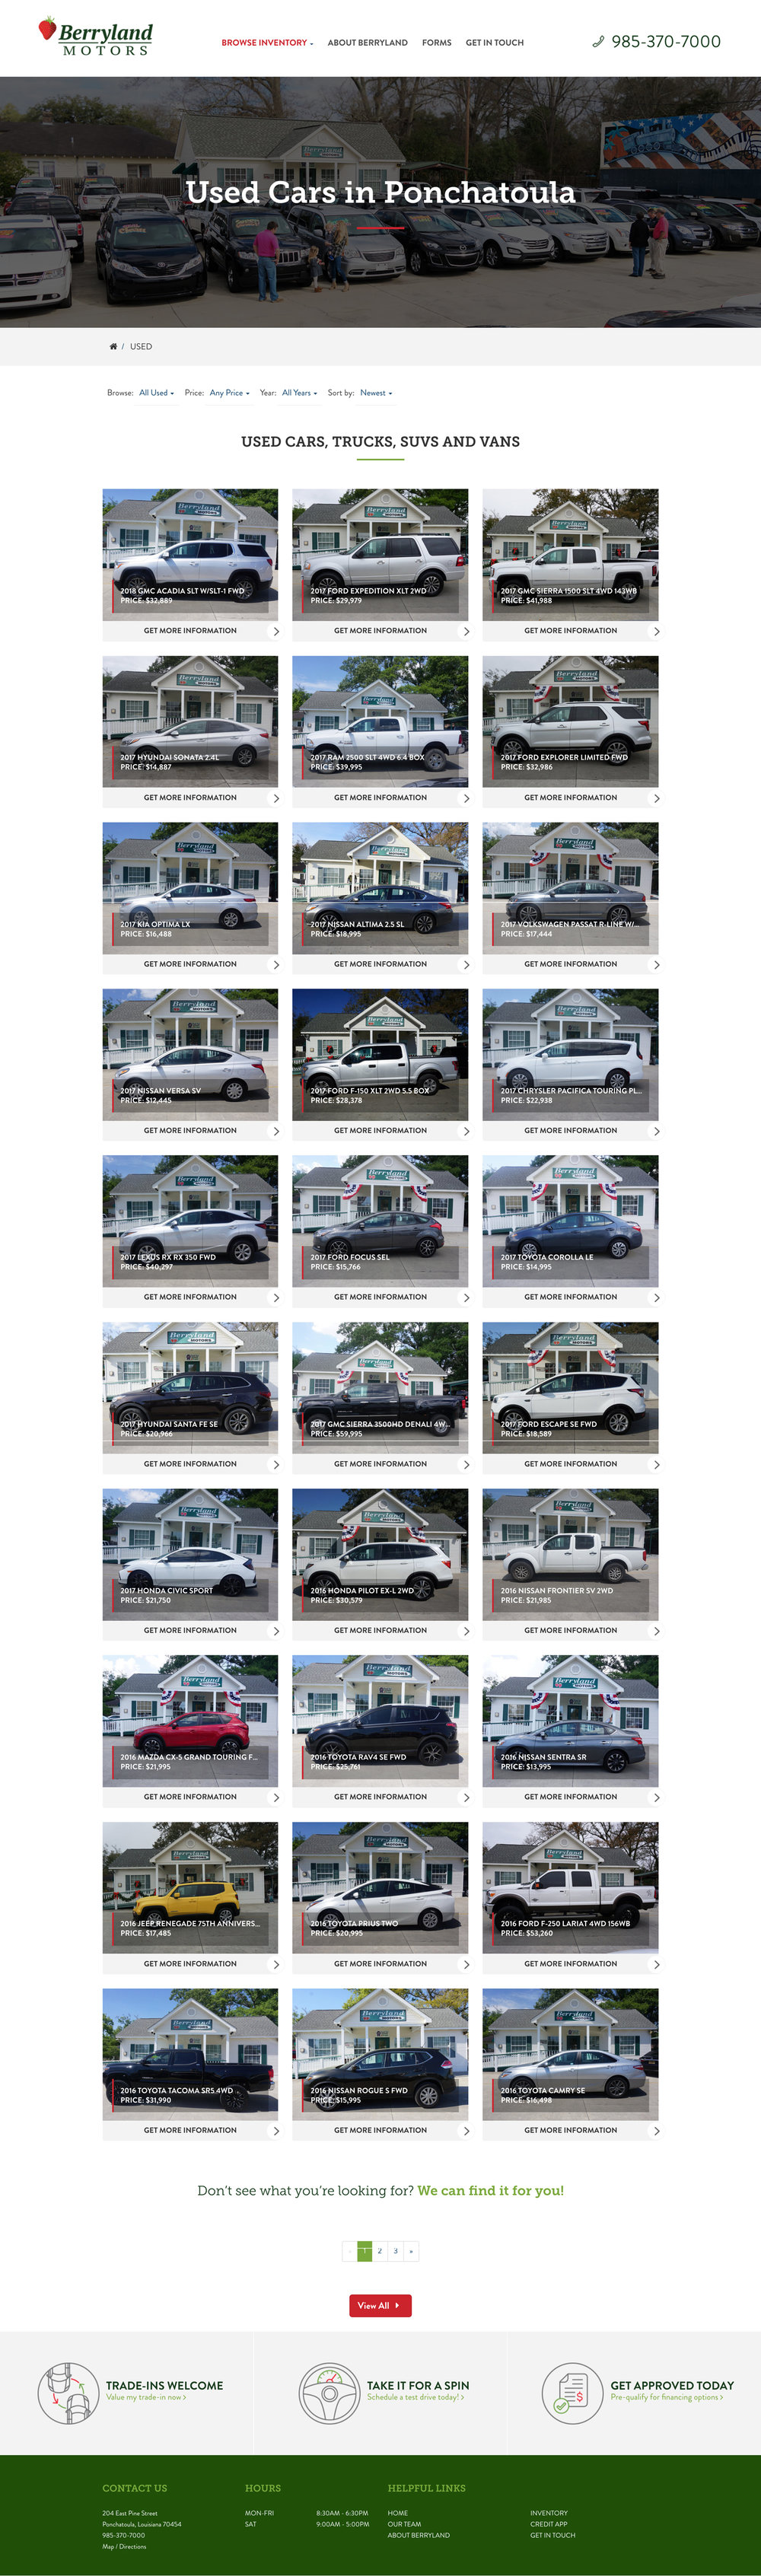 The Best Berryland Motors